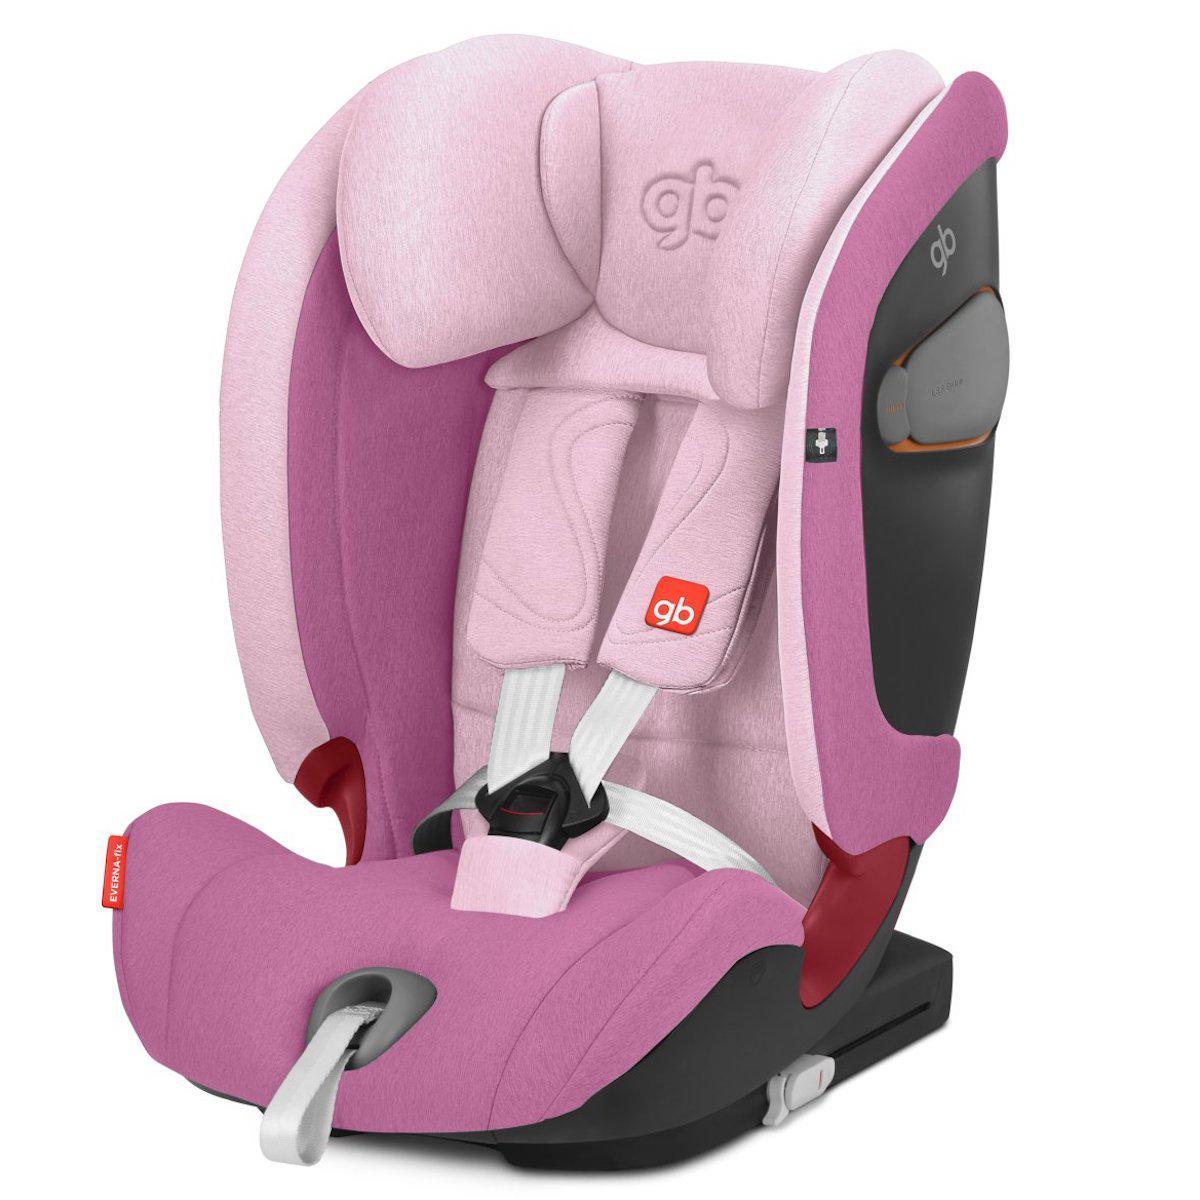 Silla auto gr1/2/3 EVERNA-FIX GB sweet pink